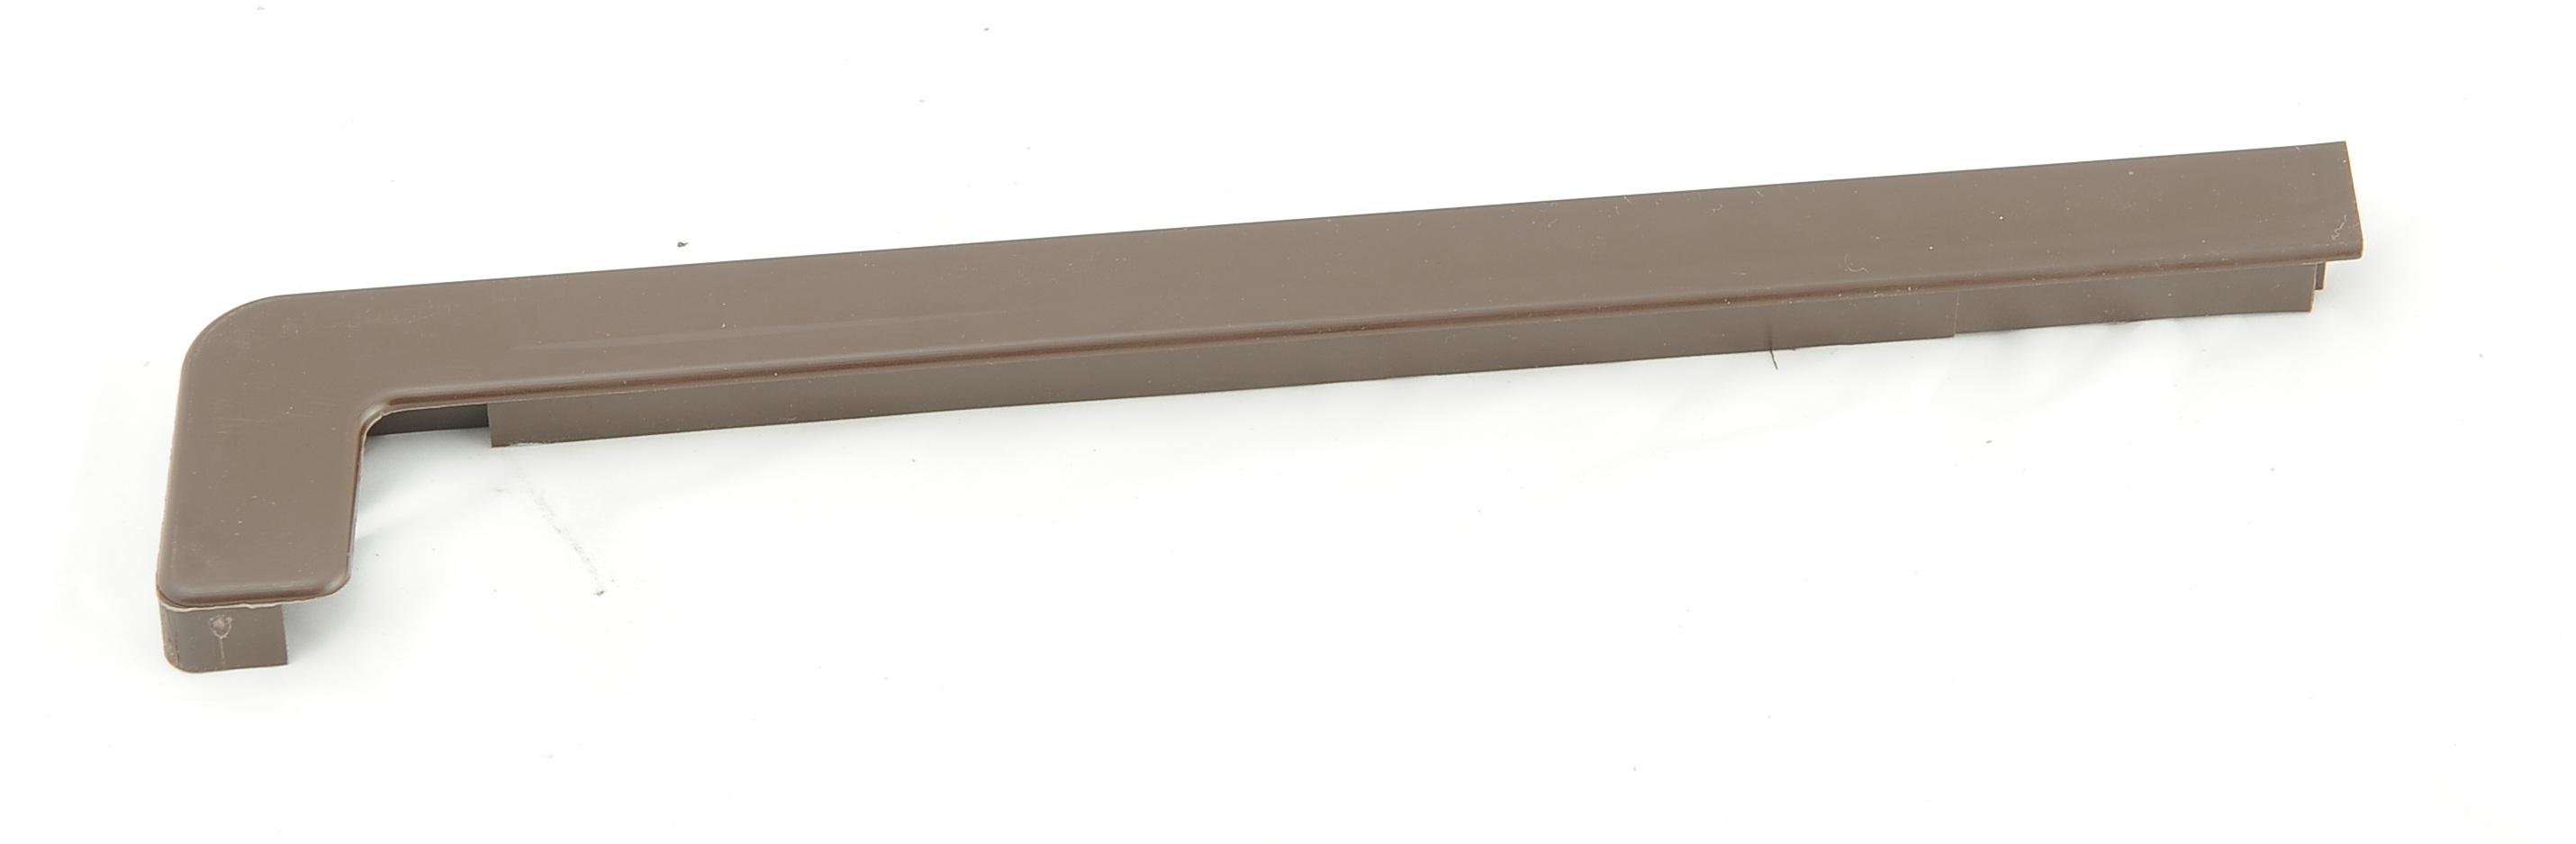 Plastová krytka k hliníkovým ohýbaným parapetům 340 až 360 mm